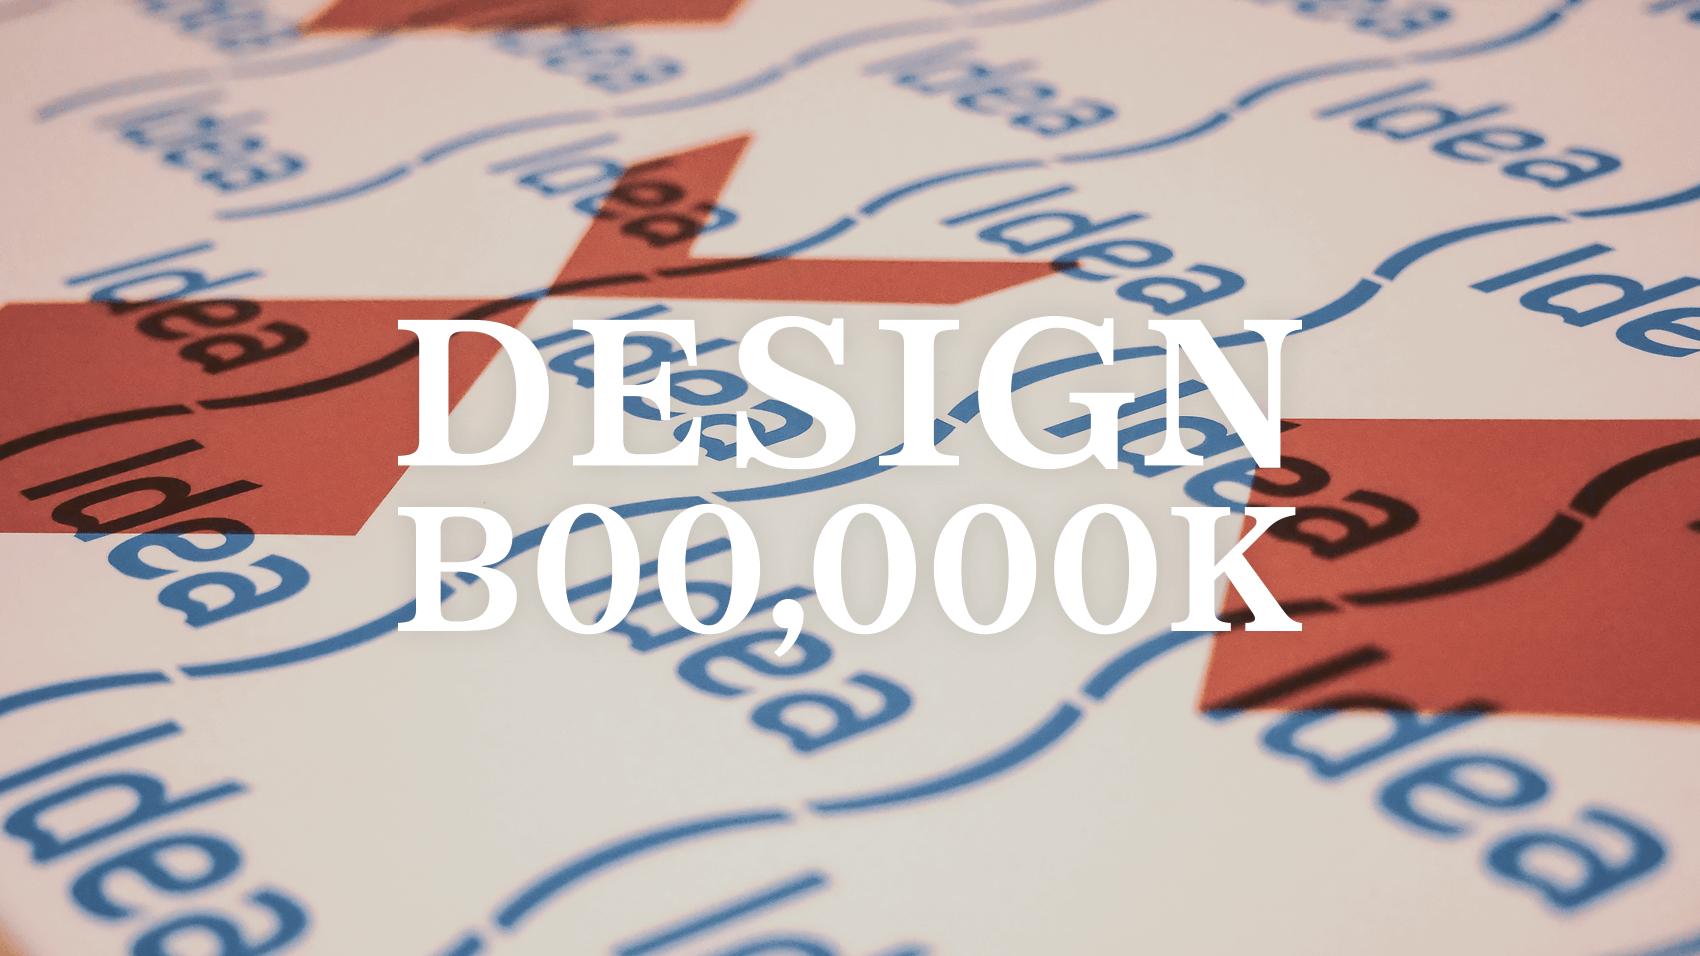 所有しているデザイン関係の本で値段が高かったものを5冊紹介します